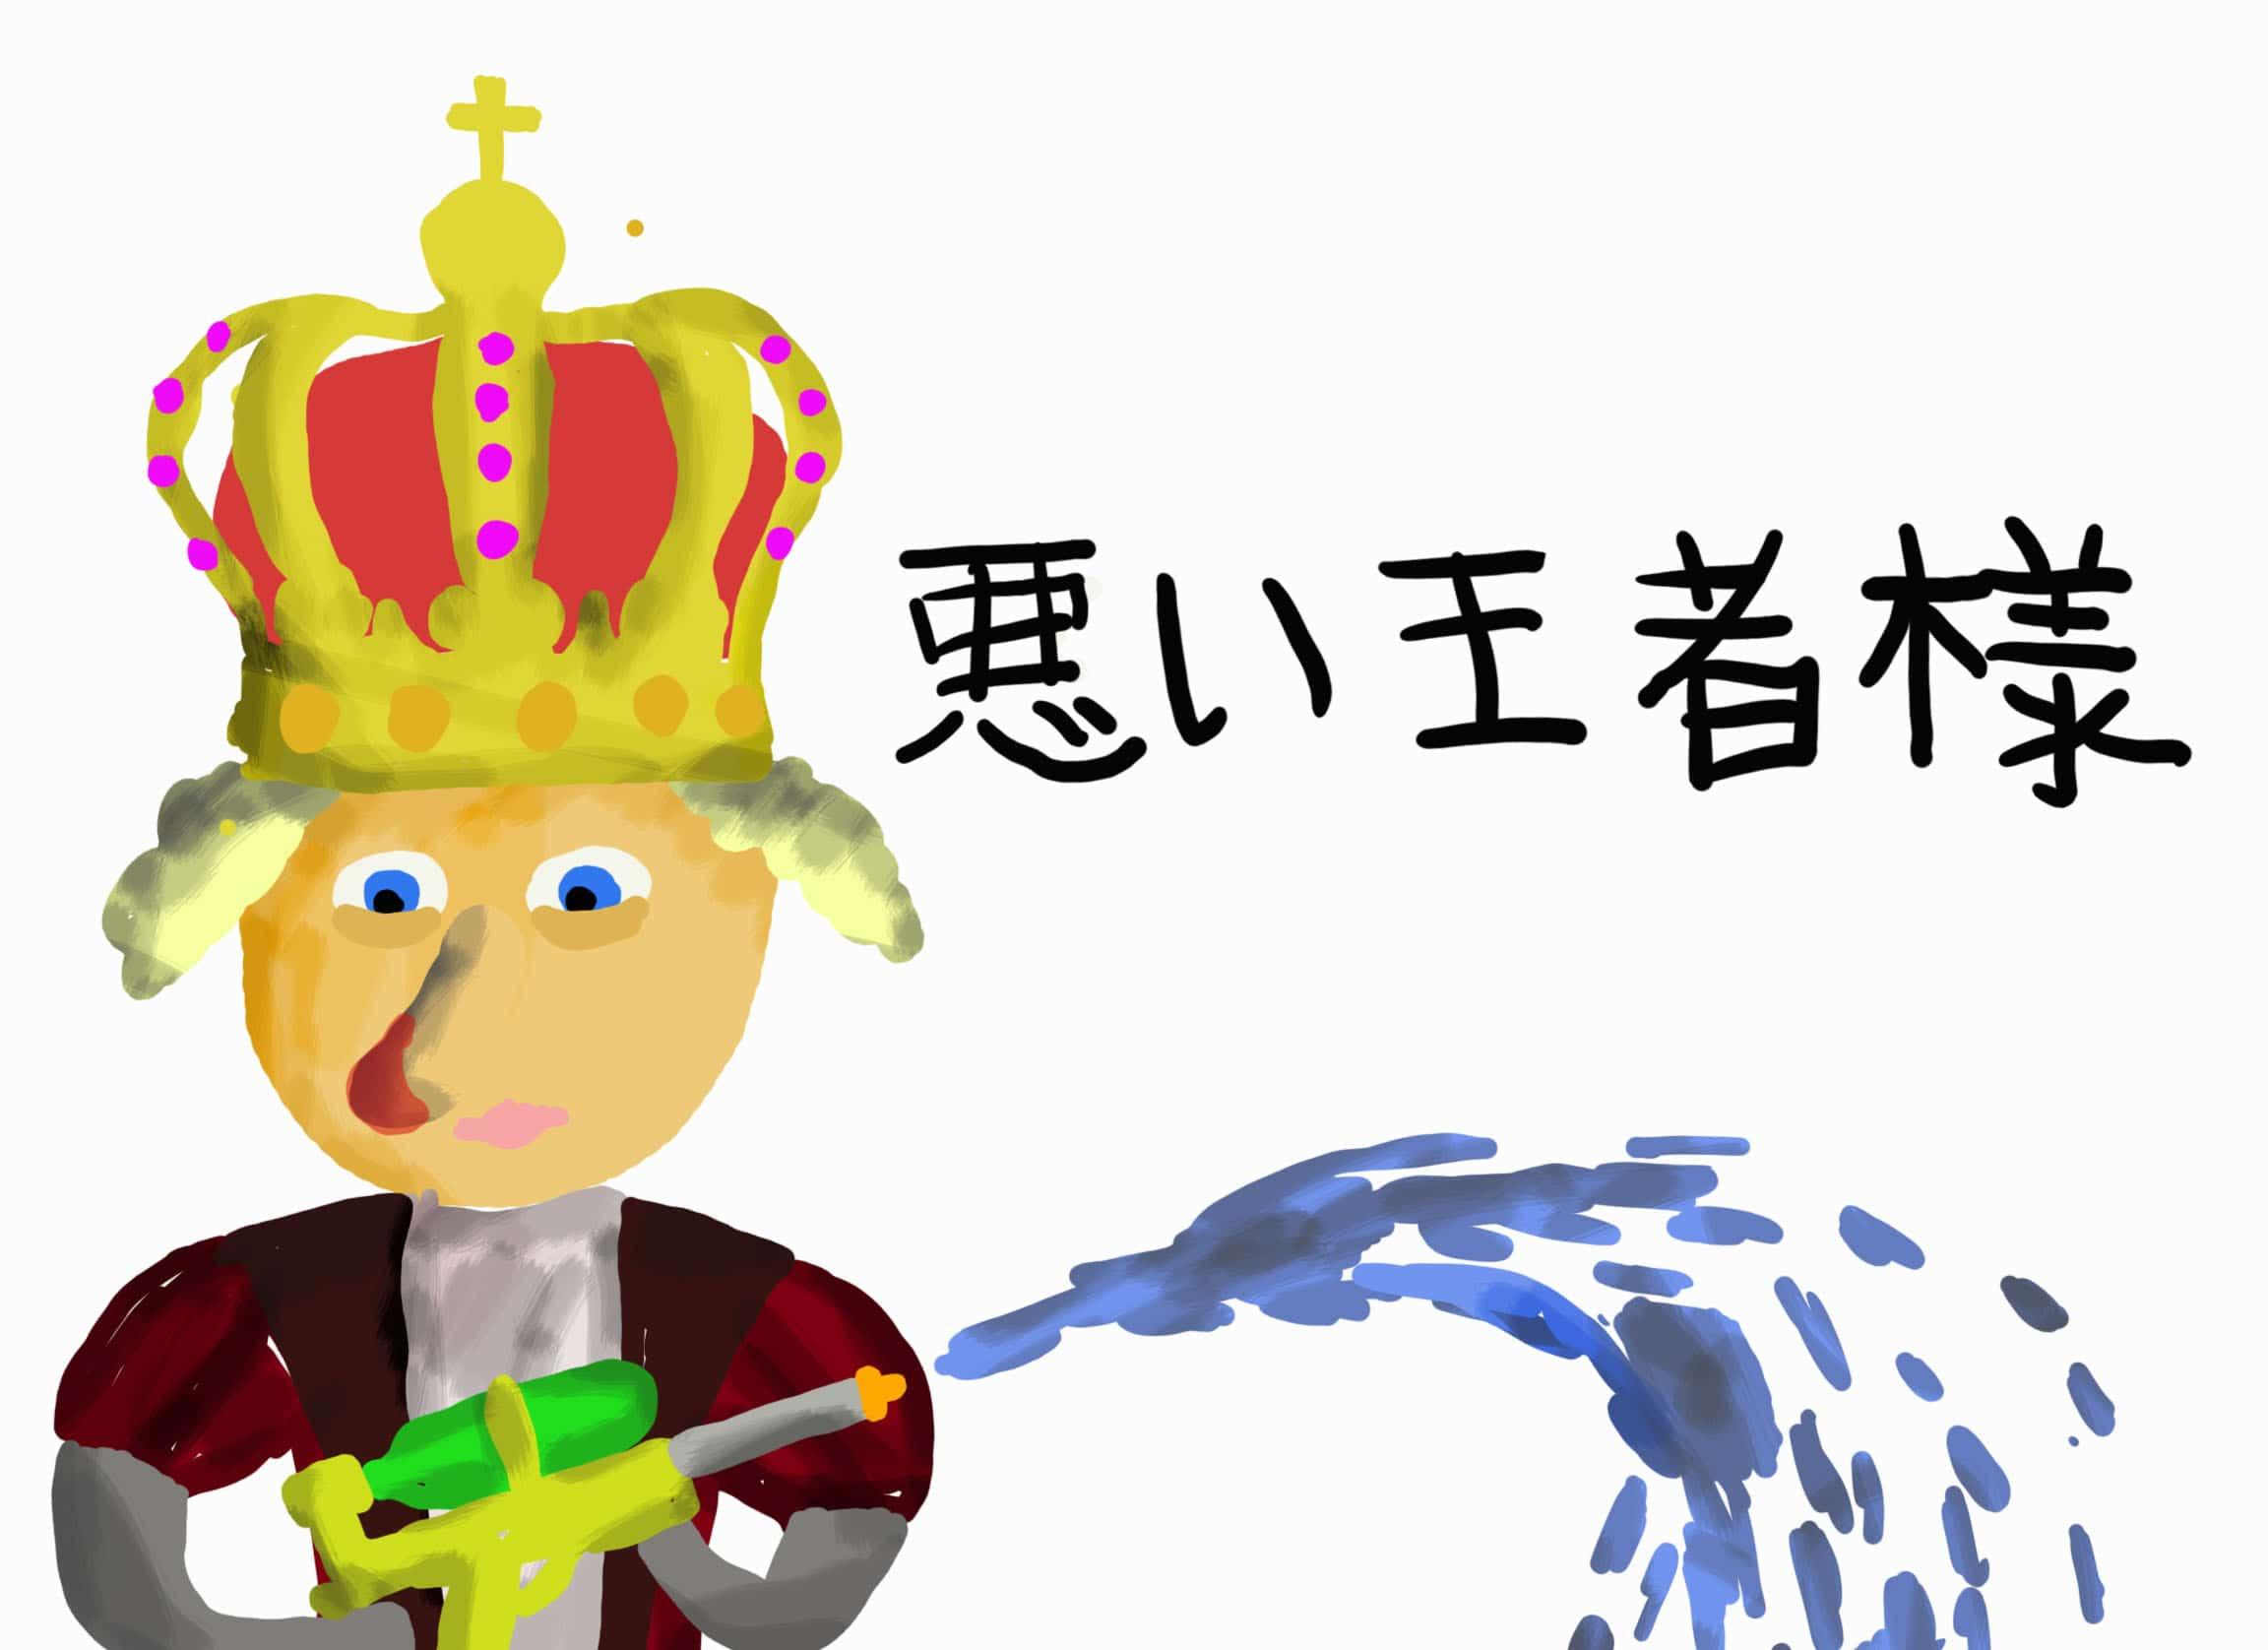 あれちゃんが昔話をつくったよ!!「悪い王者様」の始まり…はじまり